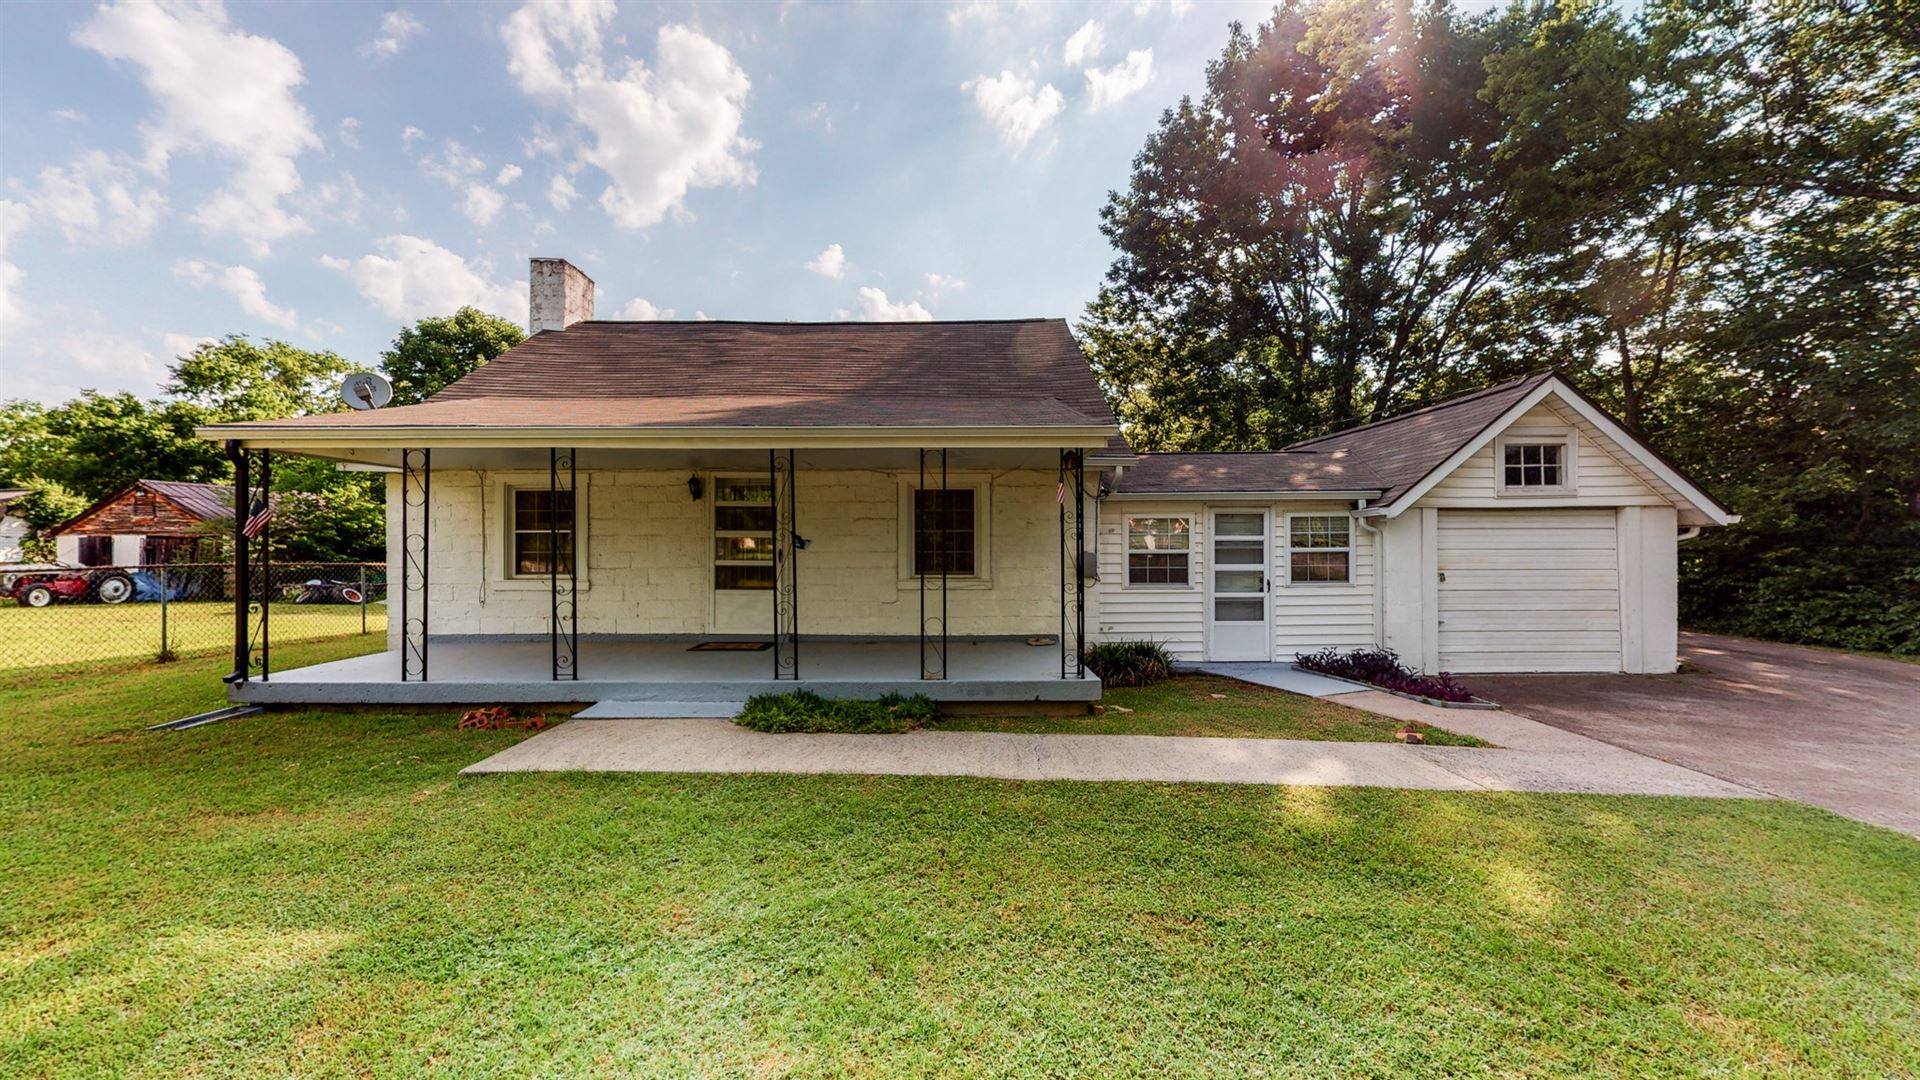 355 Old Nashville Hwy, La Vergne, TN 37086 - MLS#: 2264343